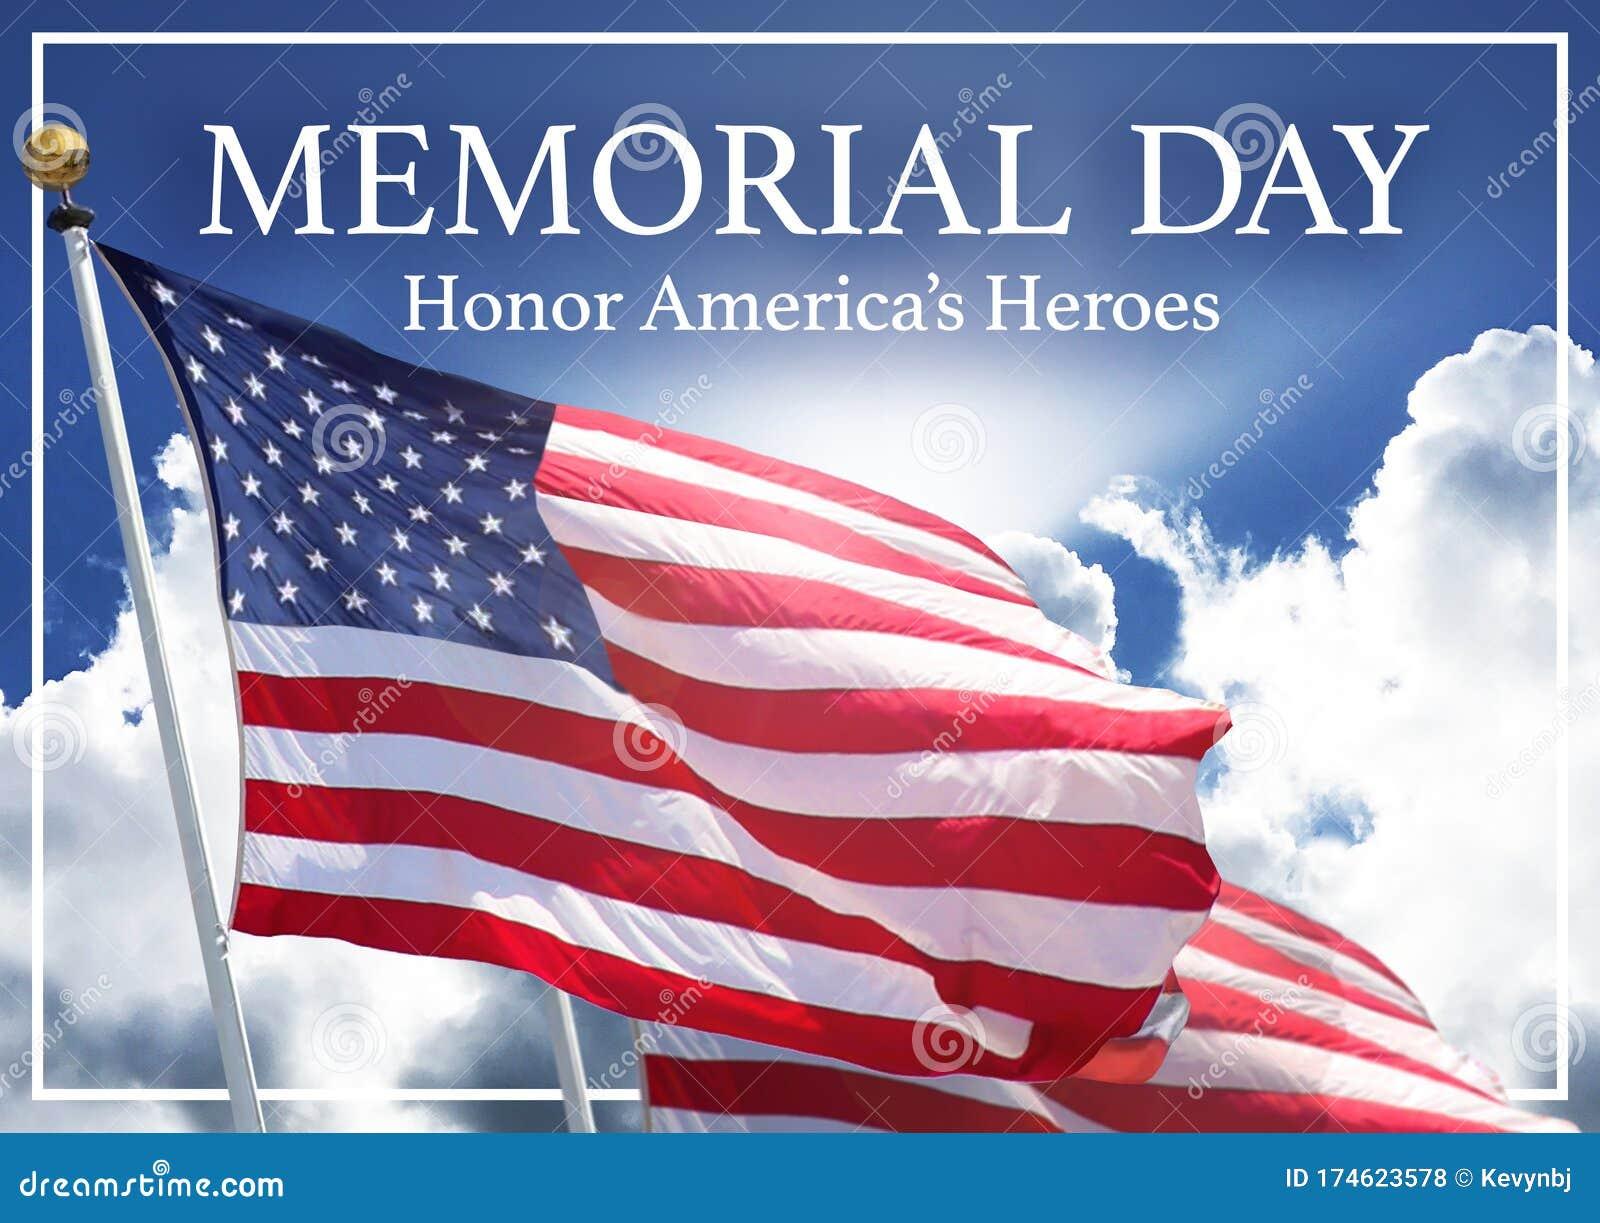 Memorial Day Meme Image Art America`s Heroes Stock Photo ...